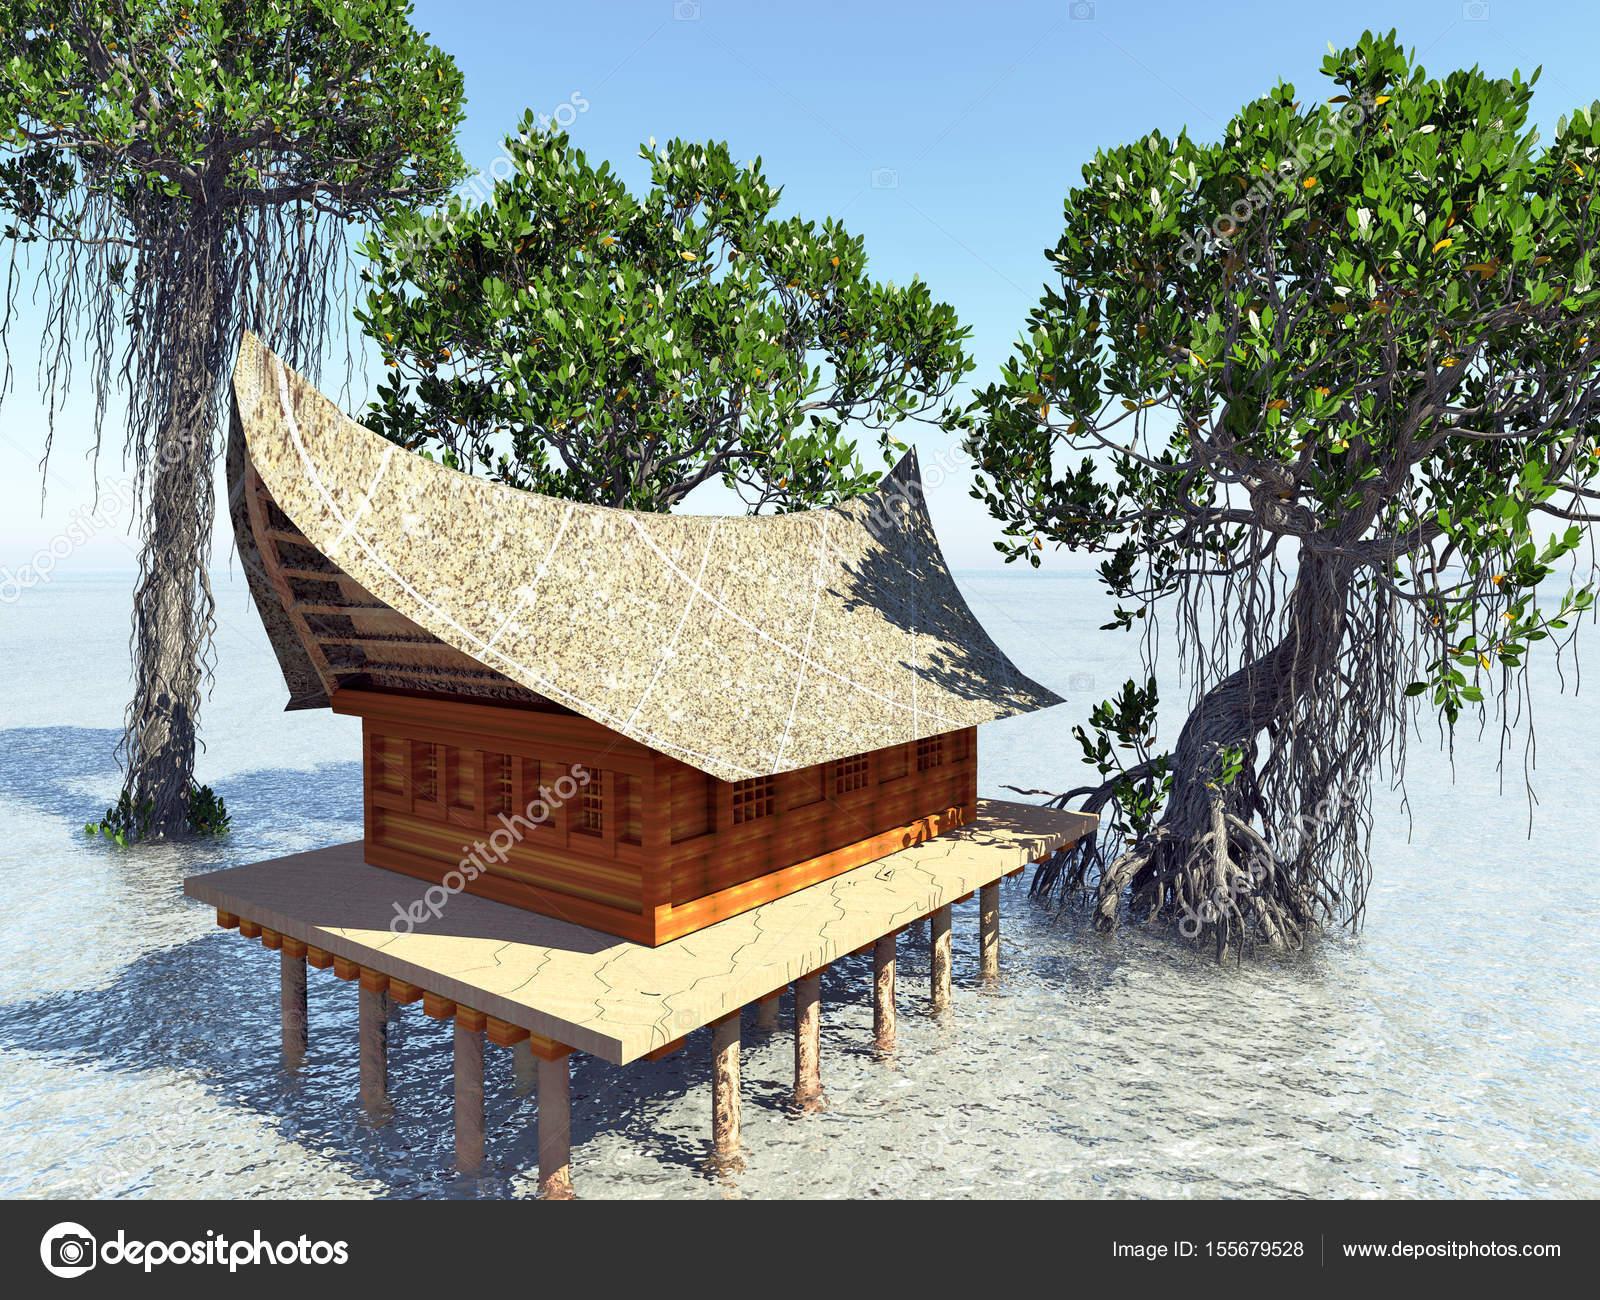 Beeindruckend Haus Auf Stelzen Foto Von In Den Mangrovenwald. Strand Architektur 3d-rendering —